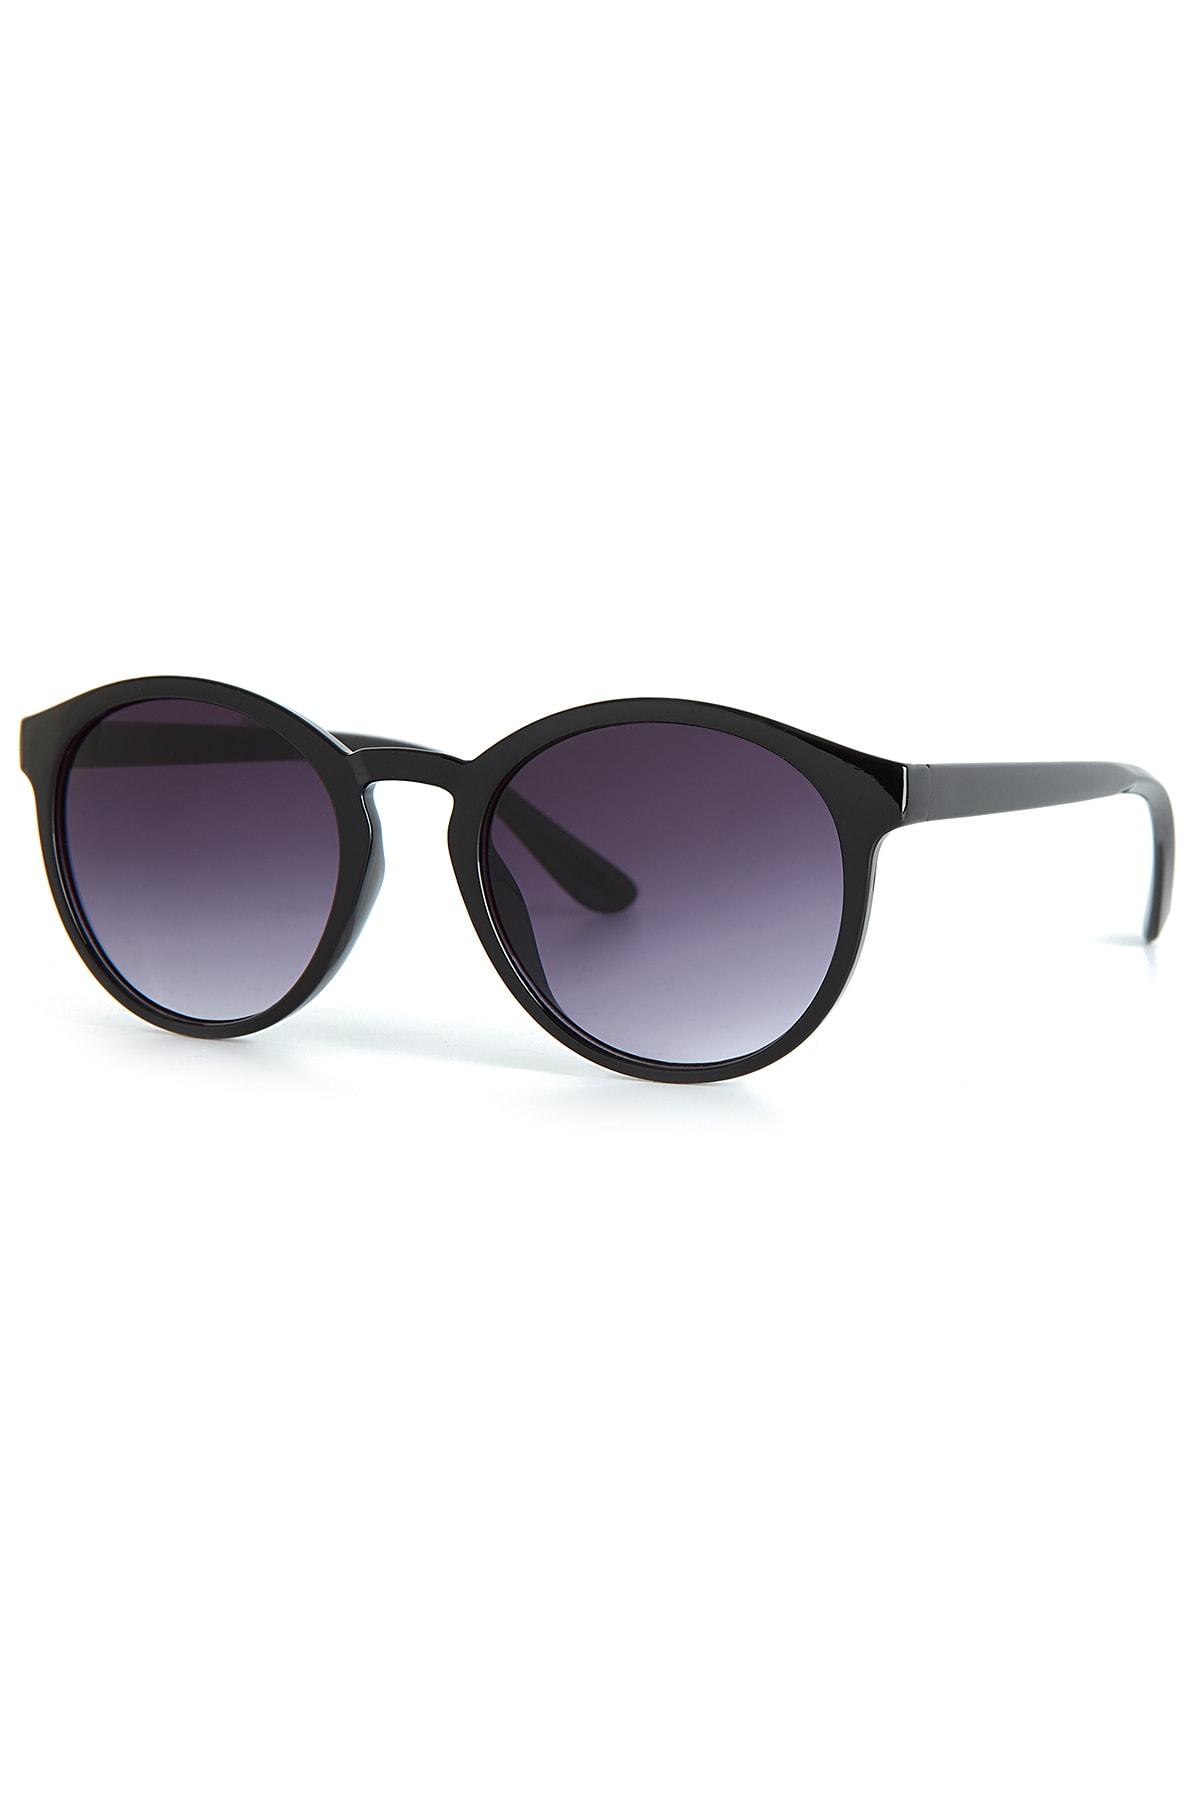 عینک آفتابی زنانه تابستانی برند Aqua Di Polo 1987 رنگ مشکی کد ty96354786